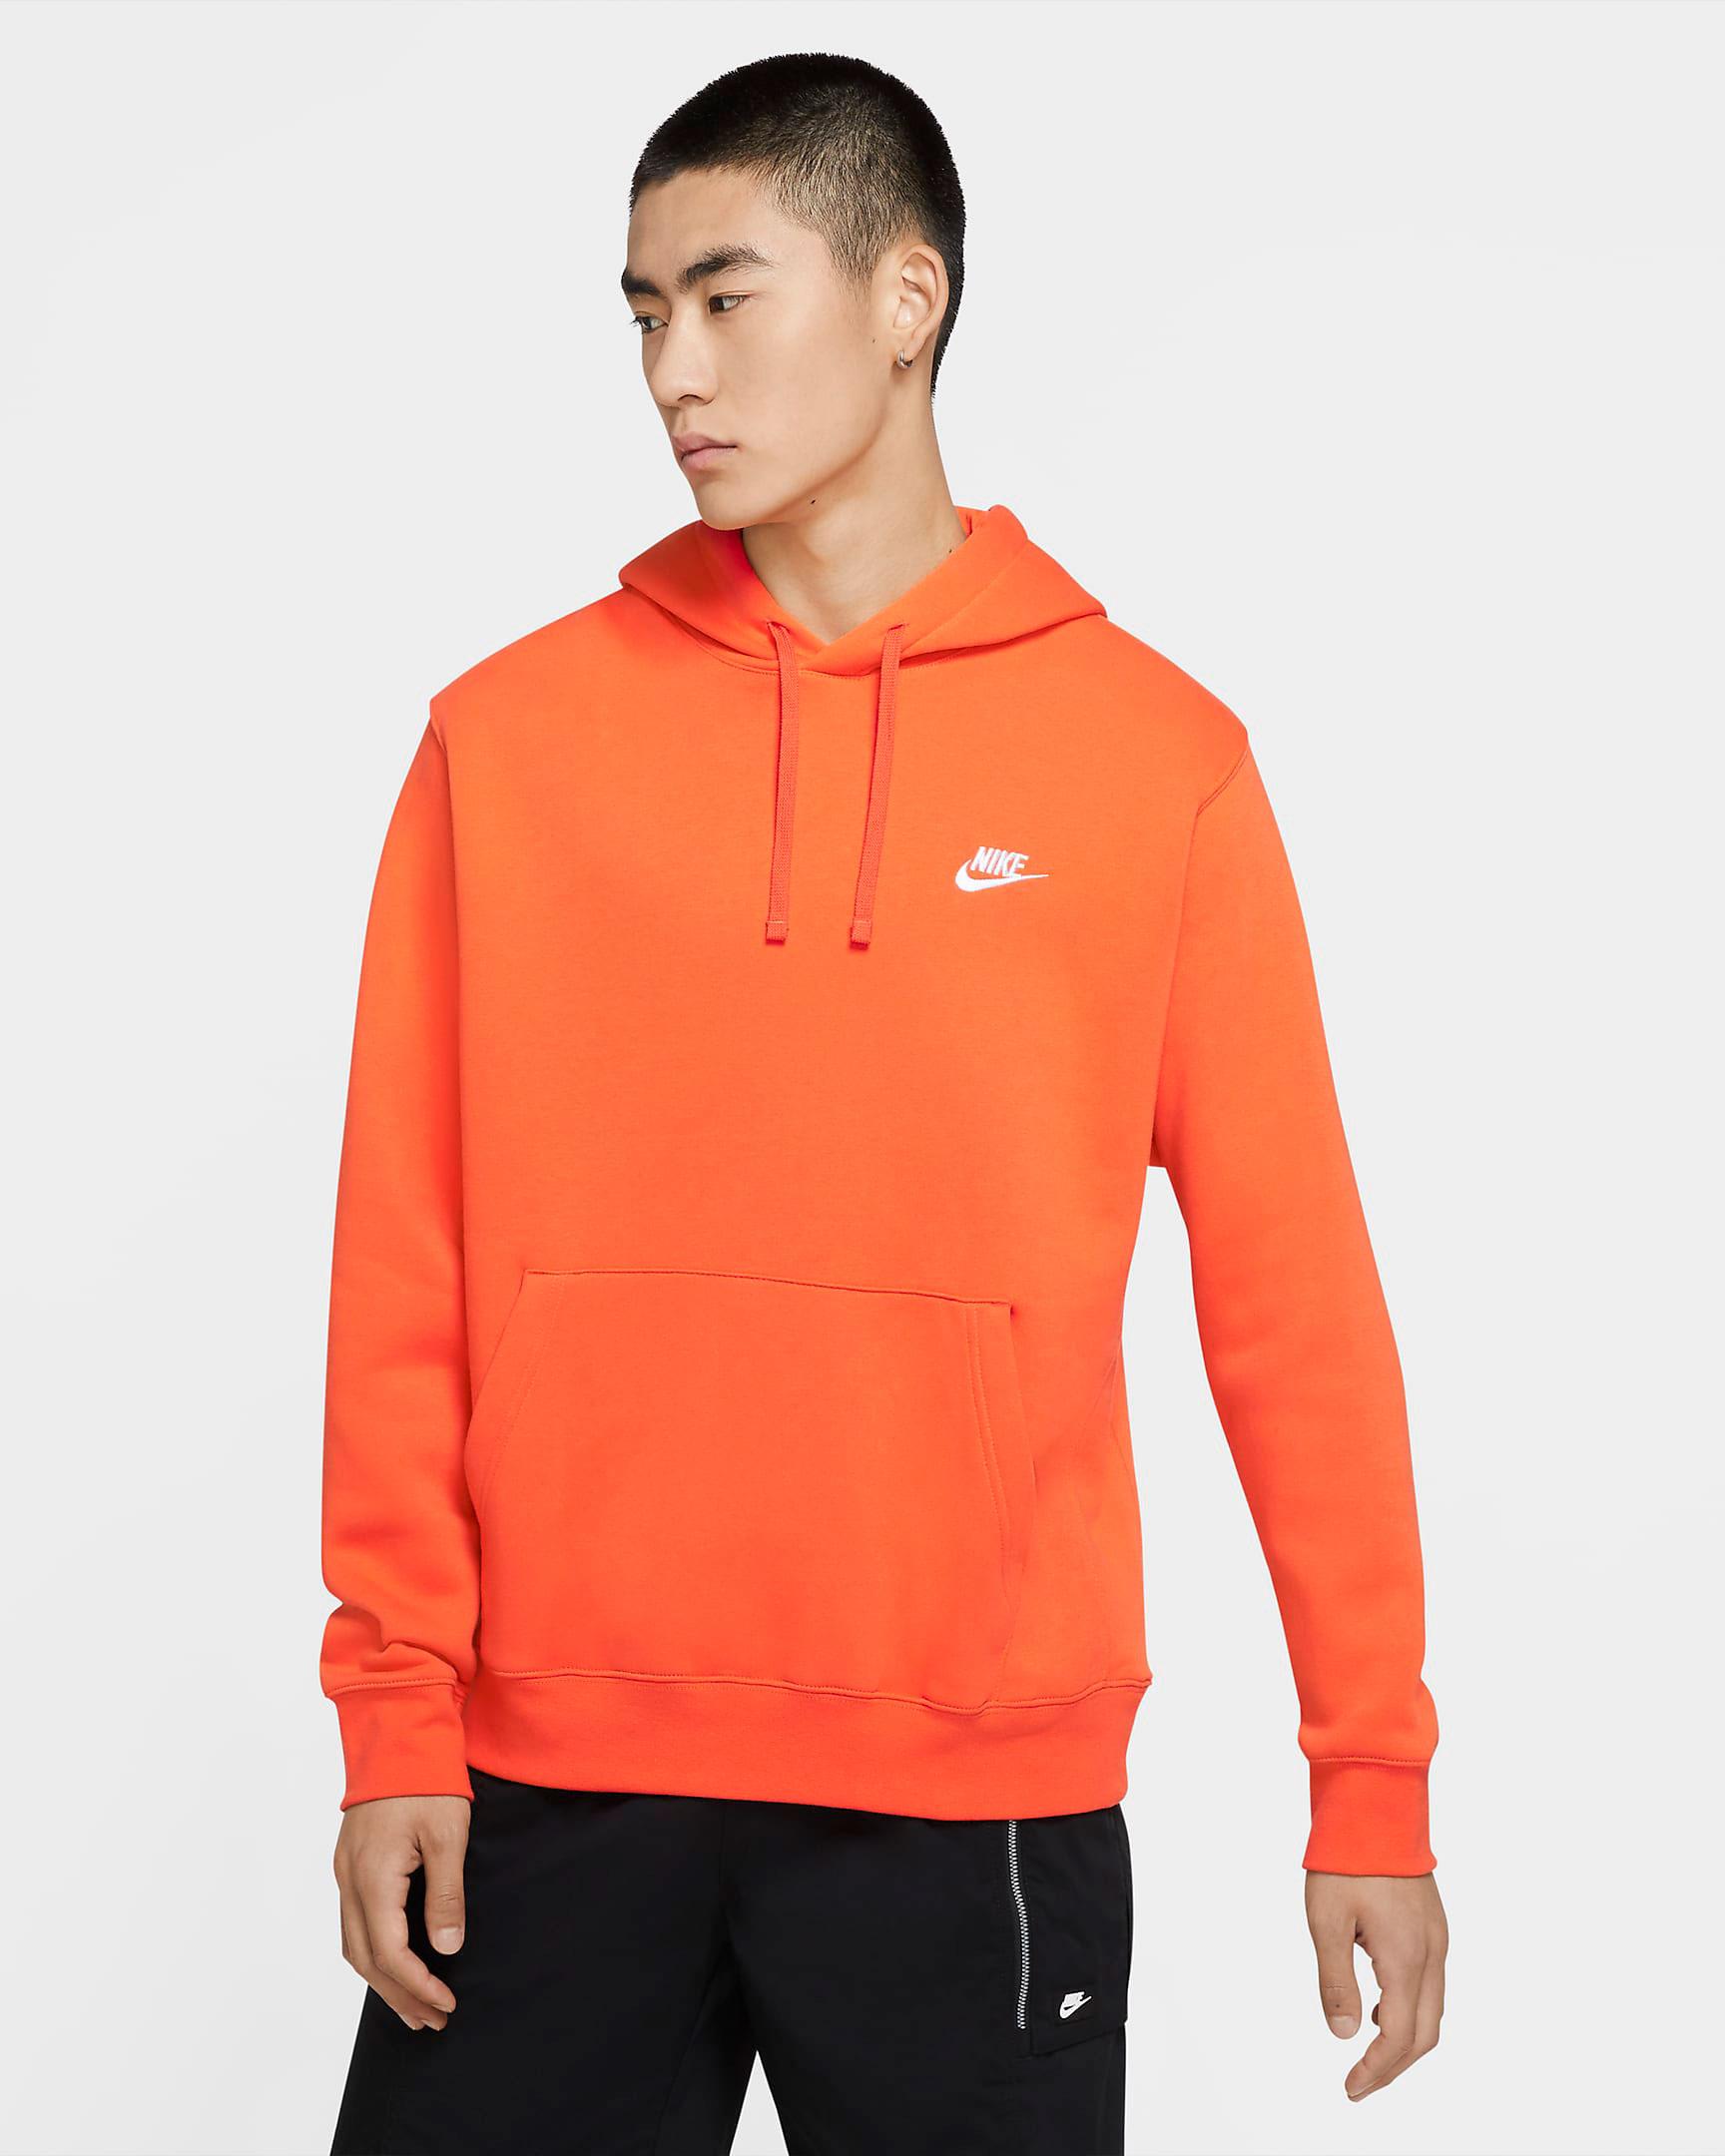 nike-air-foamposite-pro-halloween-orange-hoodie